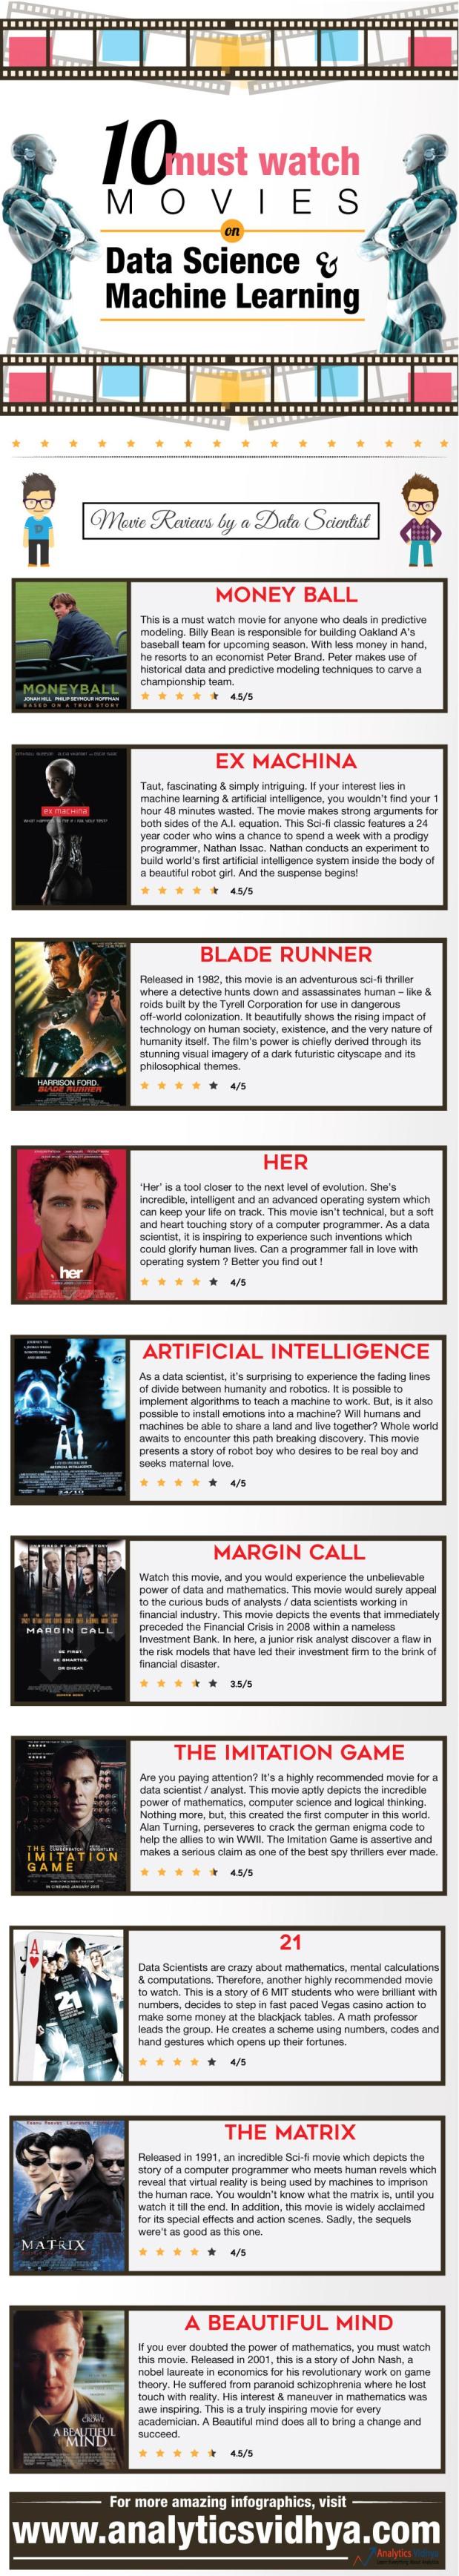 Top Ten Data Movies